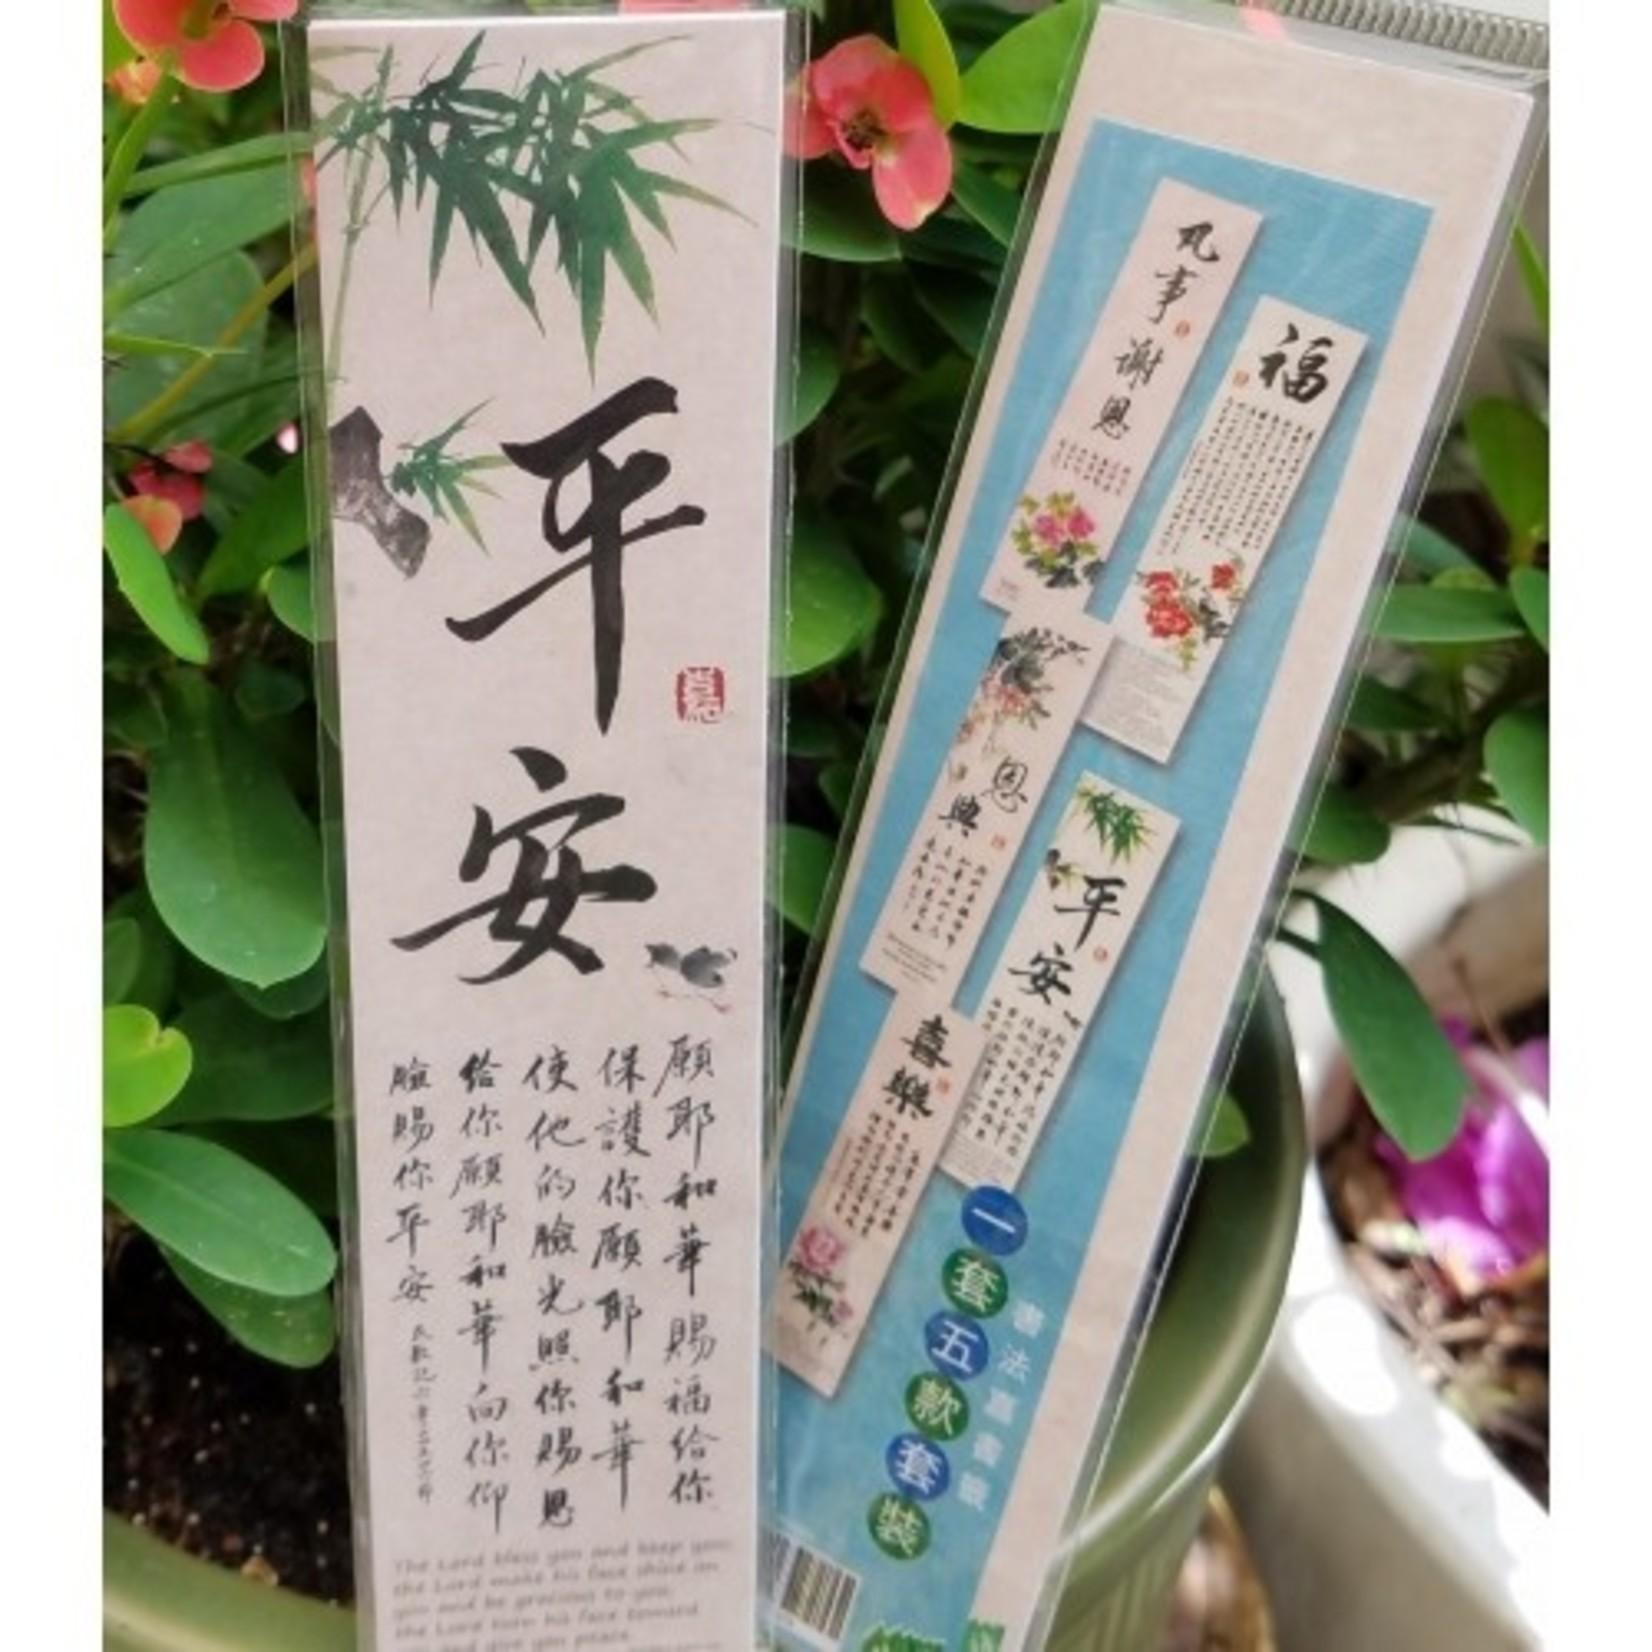 芥菜種 Kelvin Collections 書法嘉書籤(一套五款)